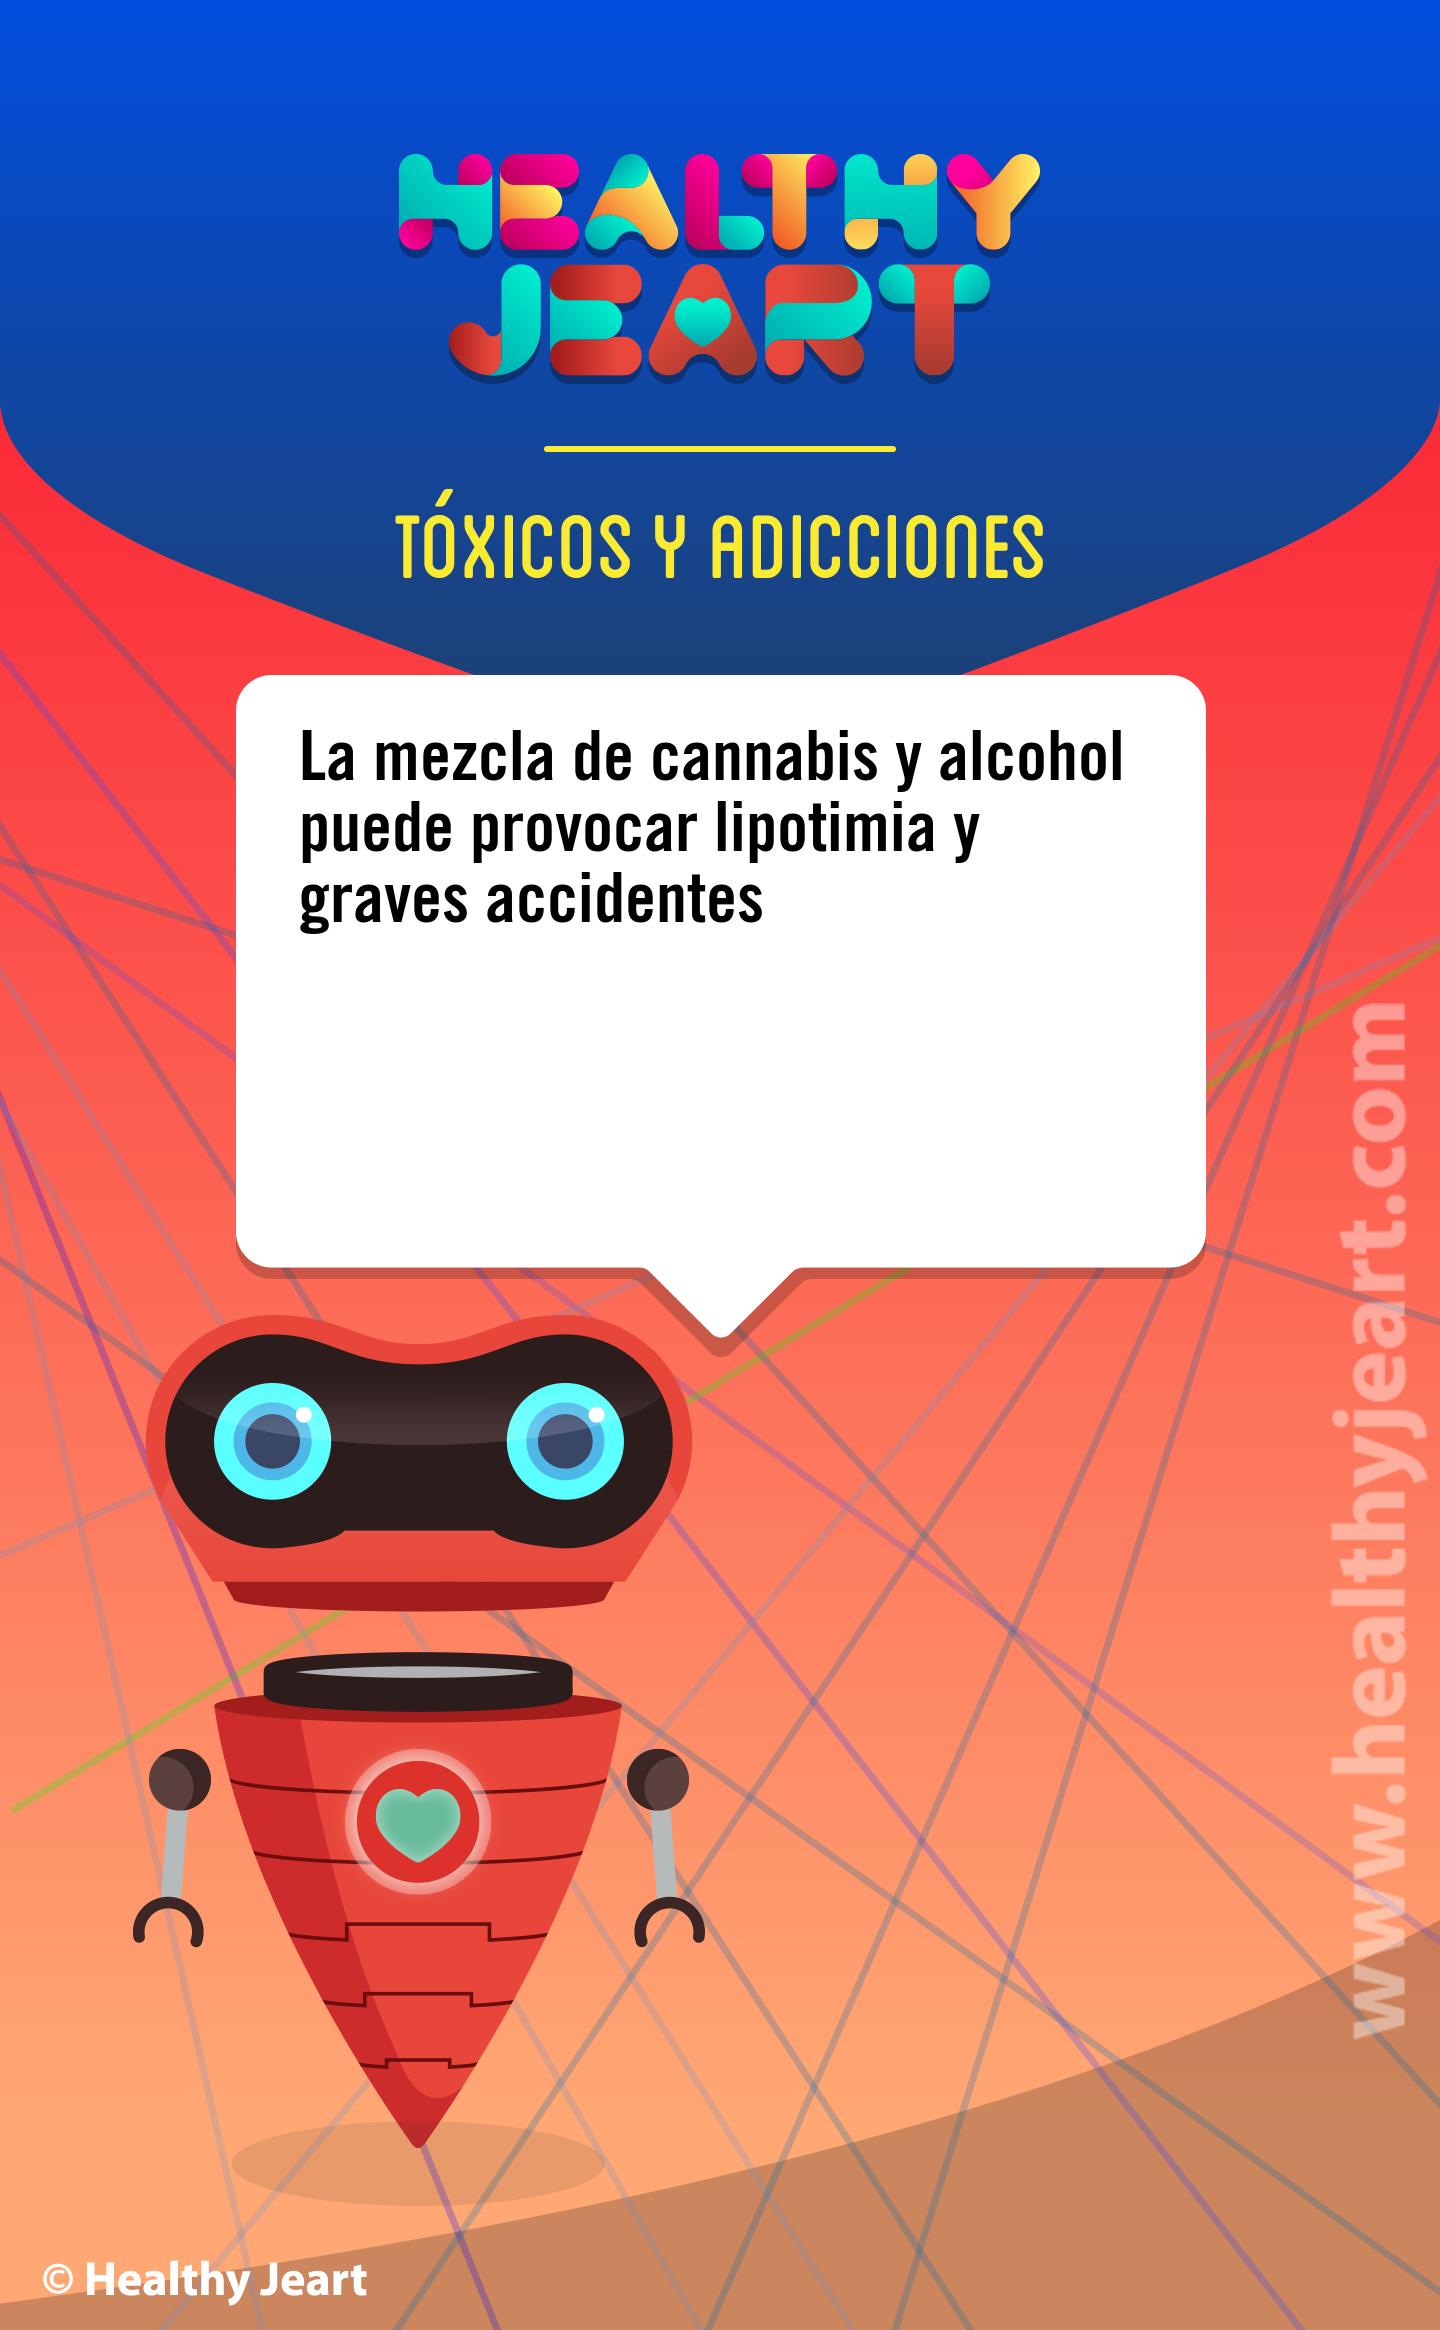 La mezcla de cannabis y alcohol puede provocar lipotimia y graves accidentes